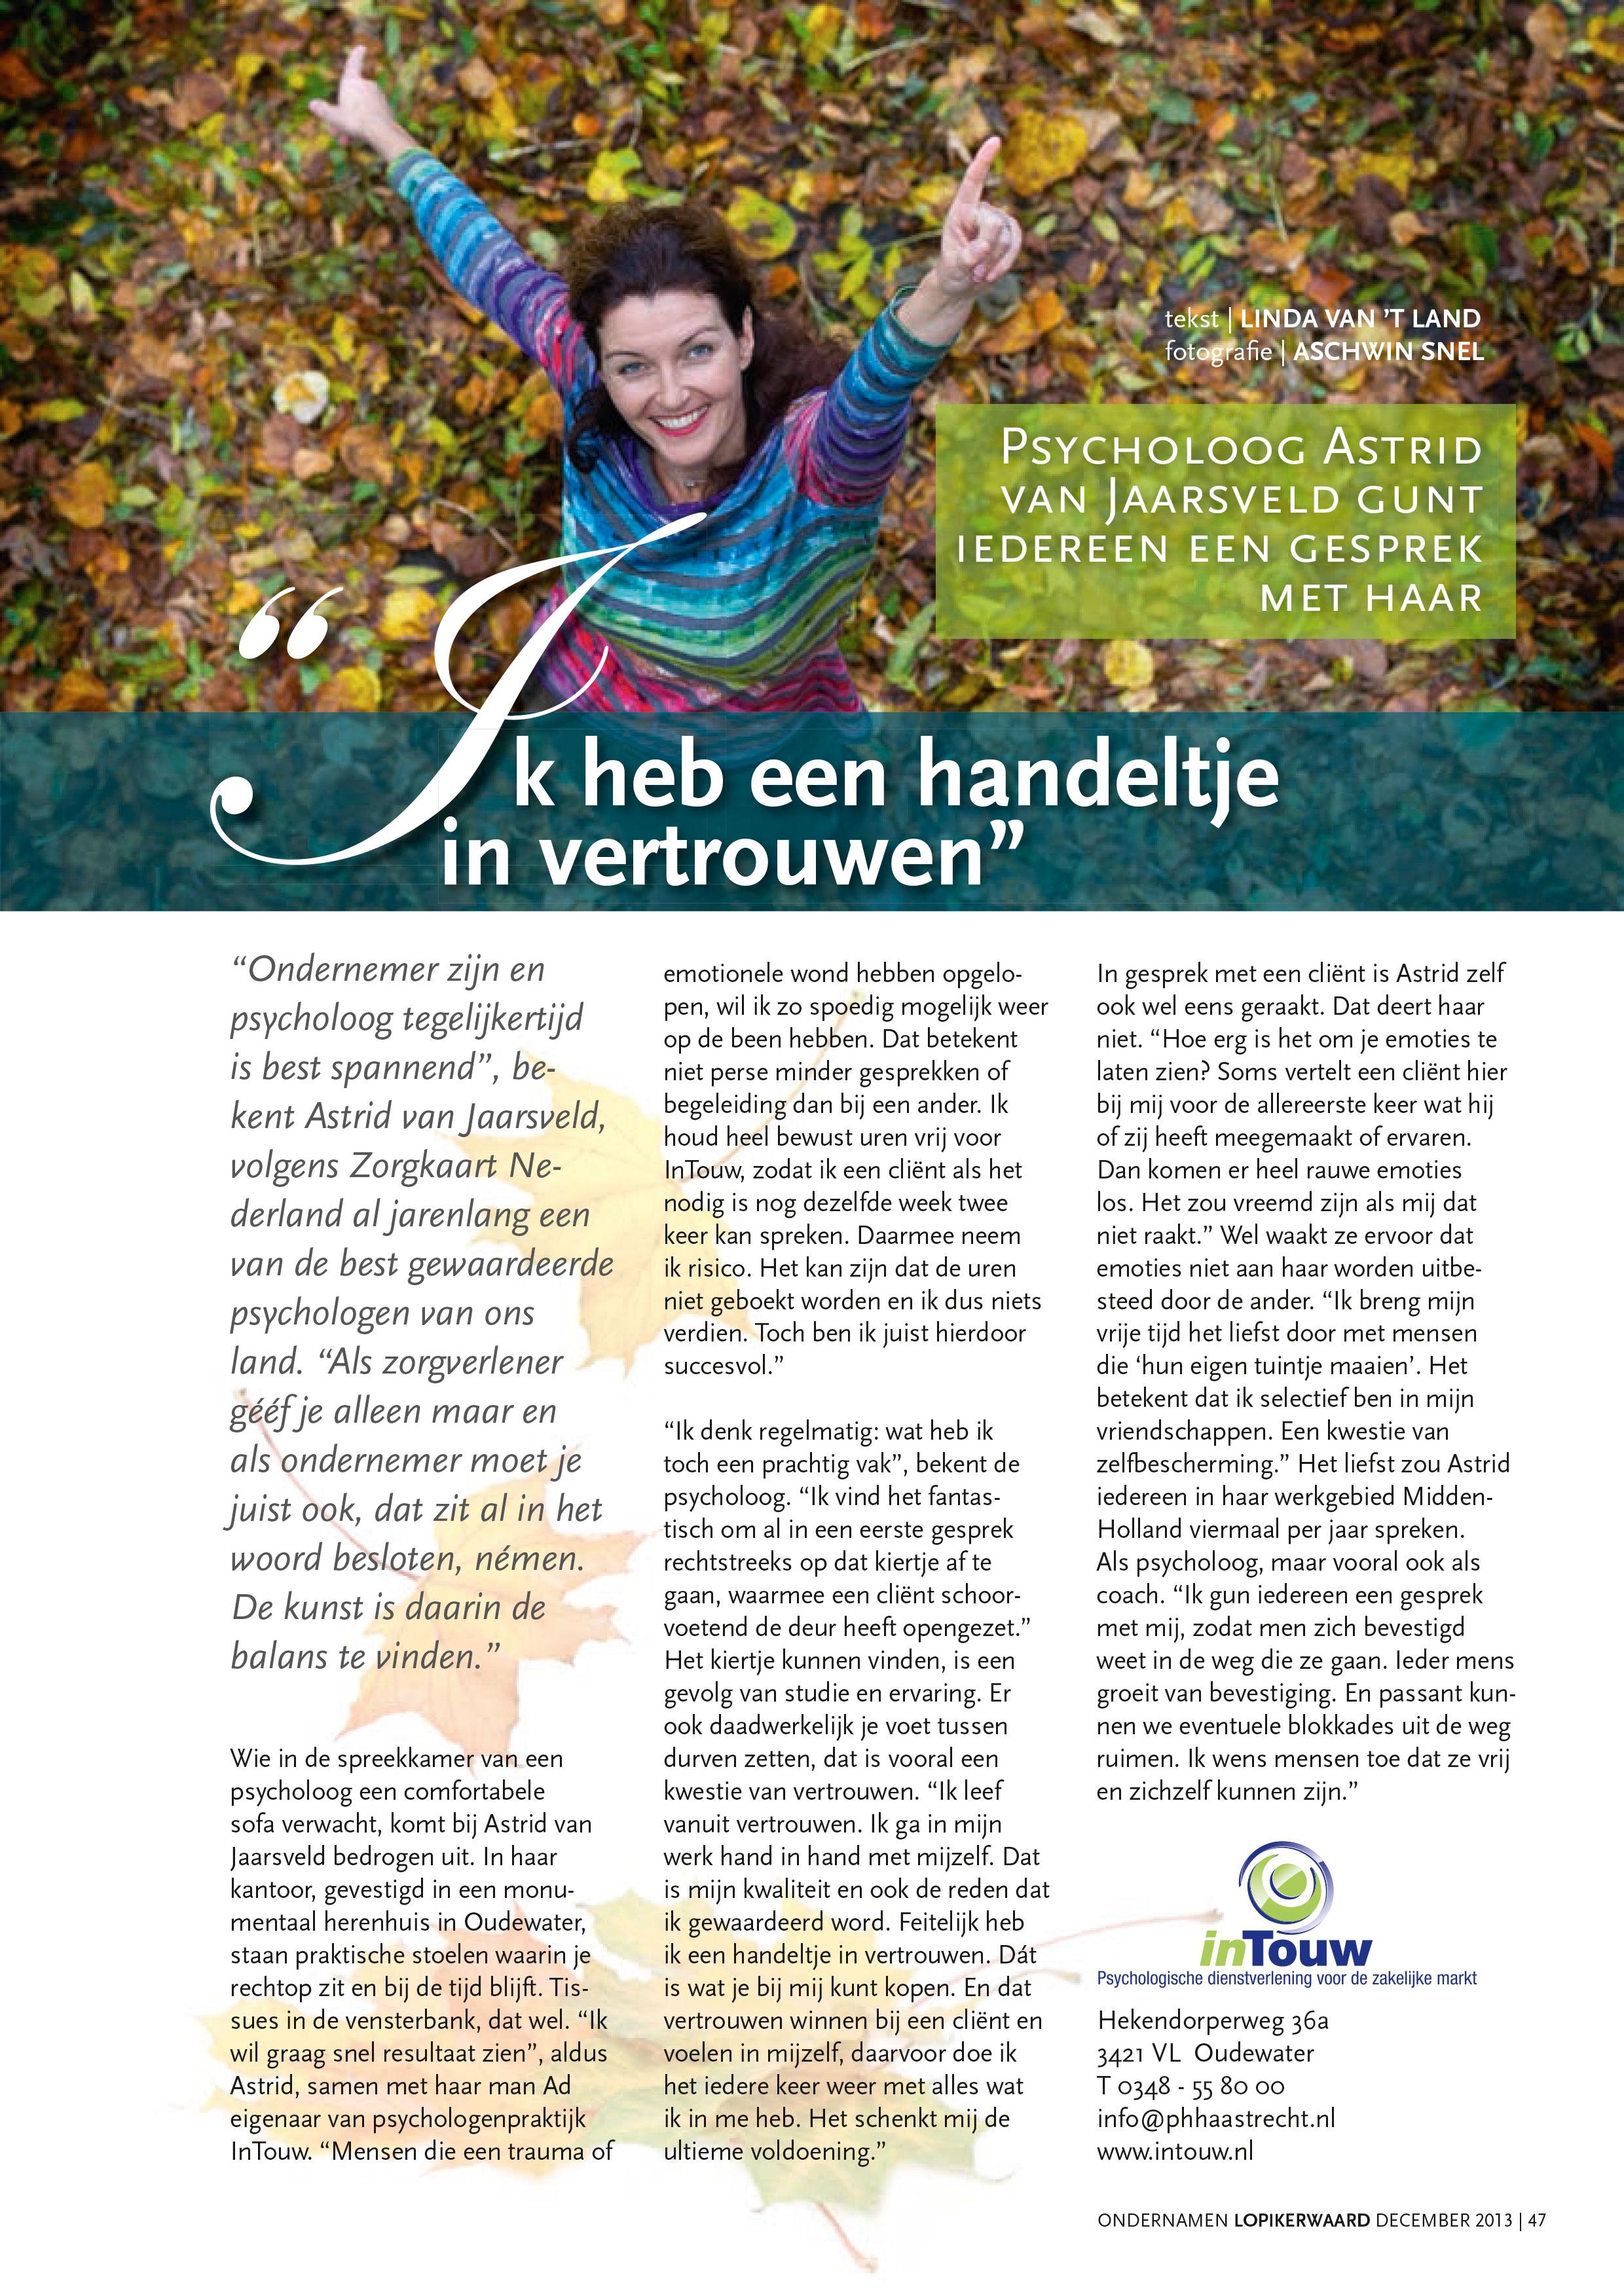 Astrid van Jaarsveld Interview Handel in Vertrouwen